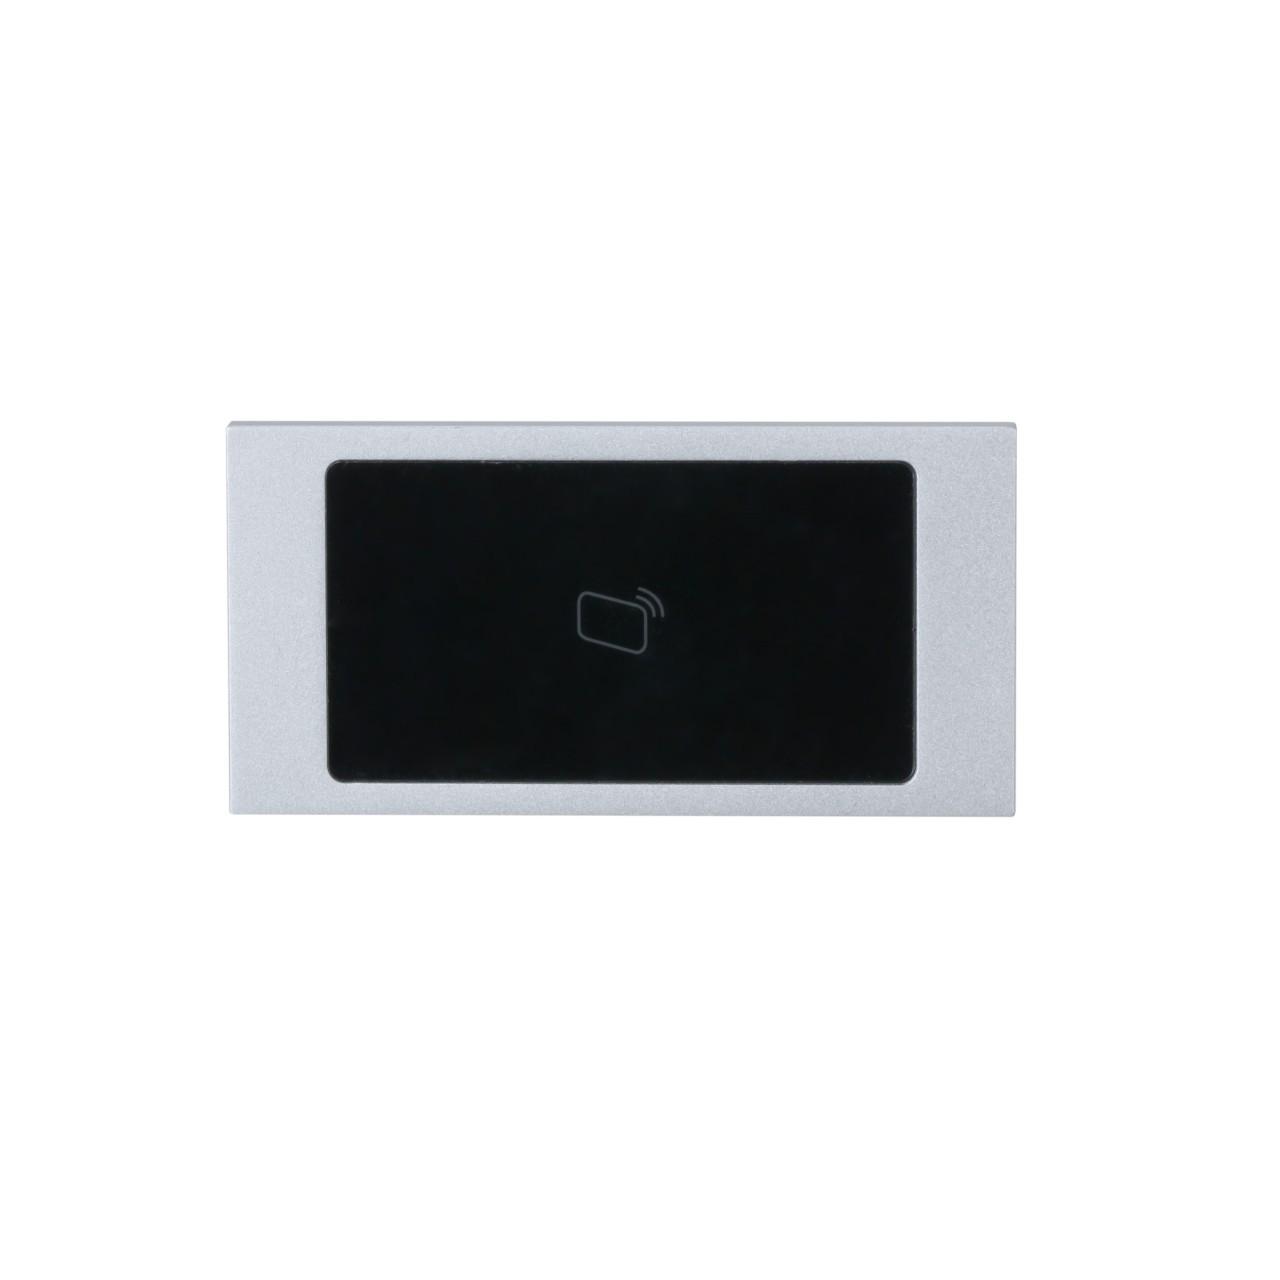 TURM IP Video Türsprechanlage RFID Halbmodul für die modulare Außenstation